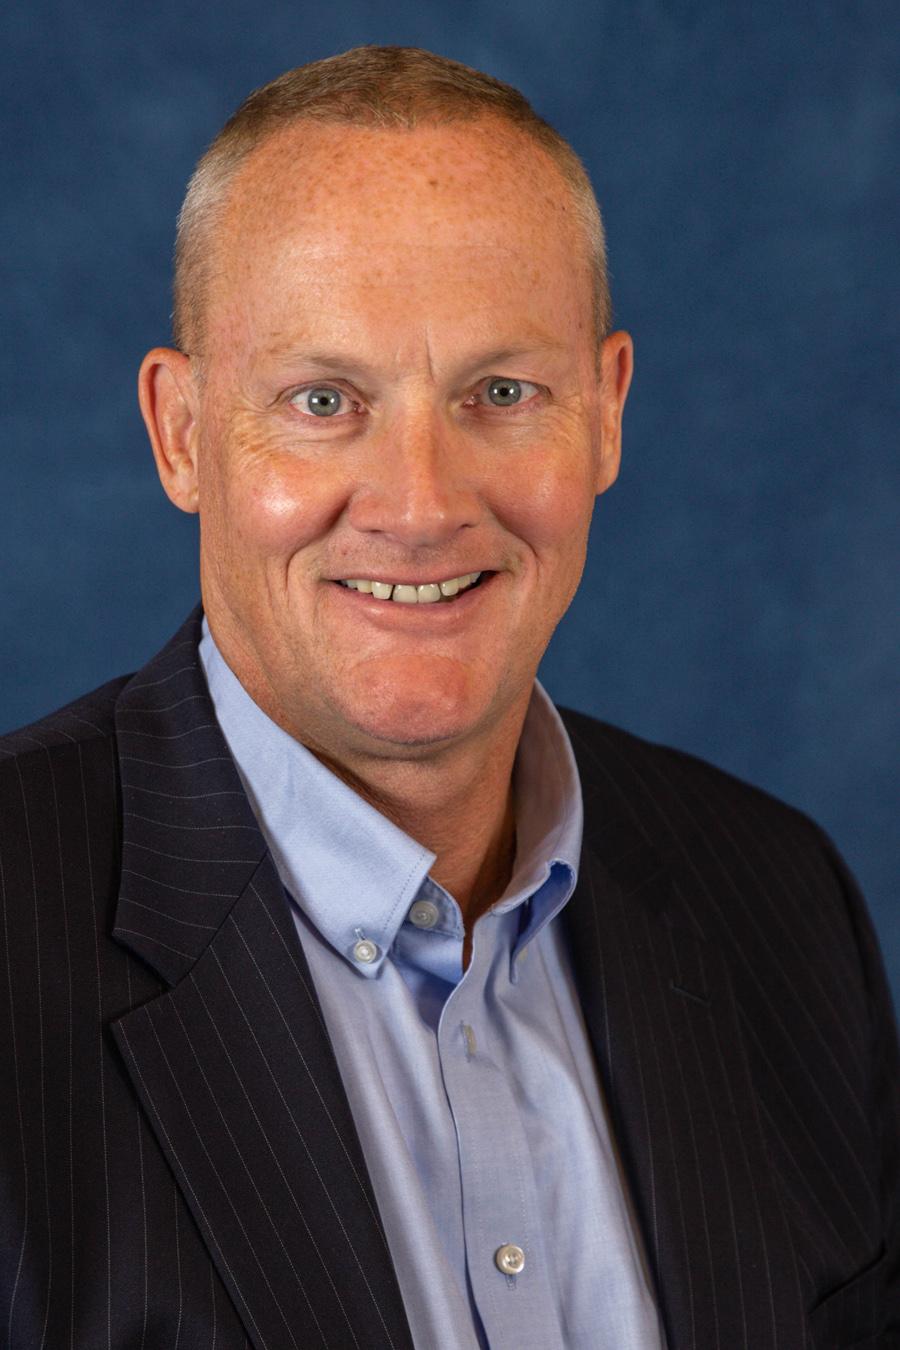 Todd Humphrey